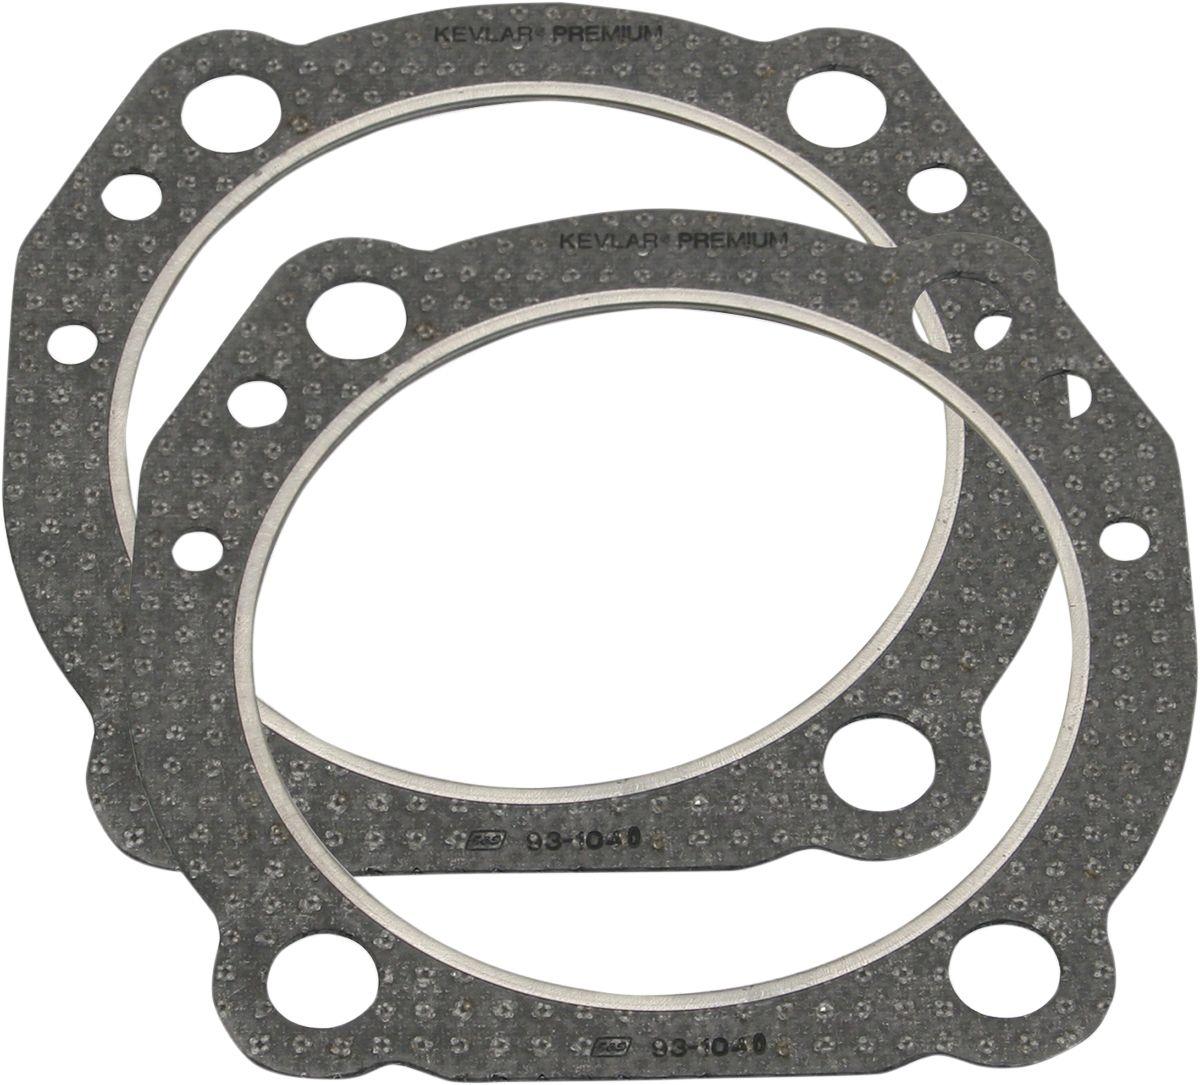 """【S&S CYCLE】汽缸頭墊片/ 4"""" EVO .043 【GASKETS HD 4""""EVO .043 [0934-5012]】 - 「Webike-摩托百貨」"""